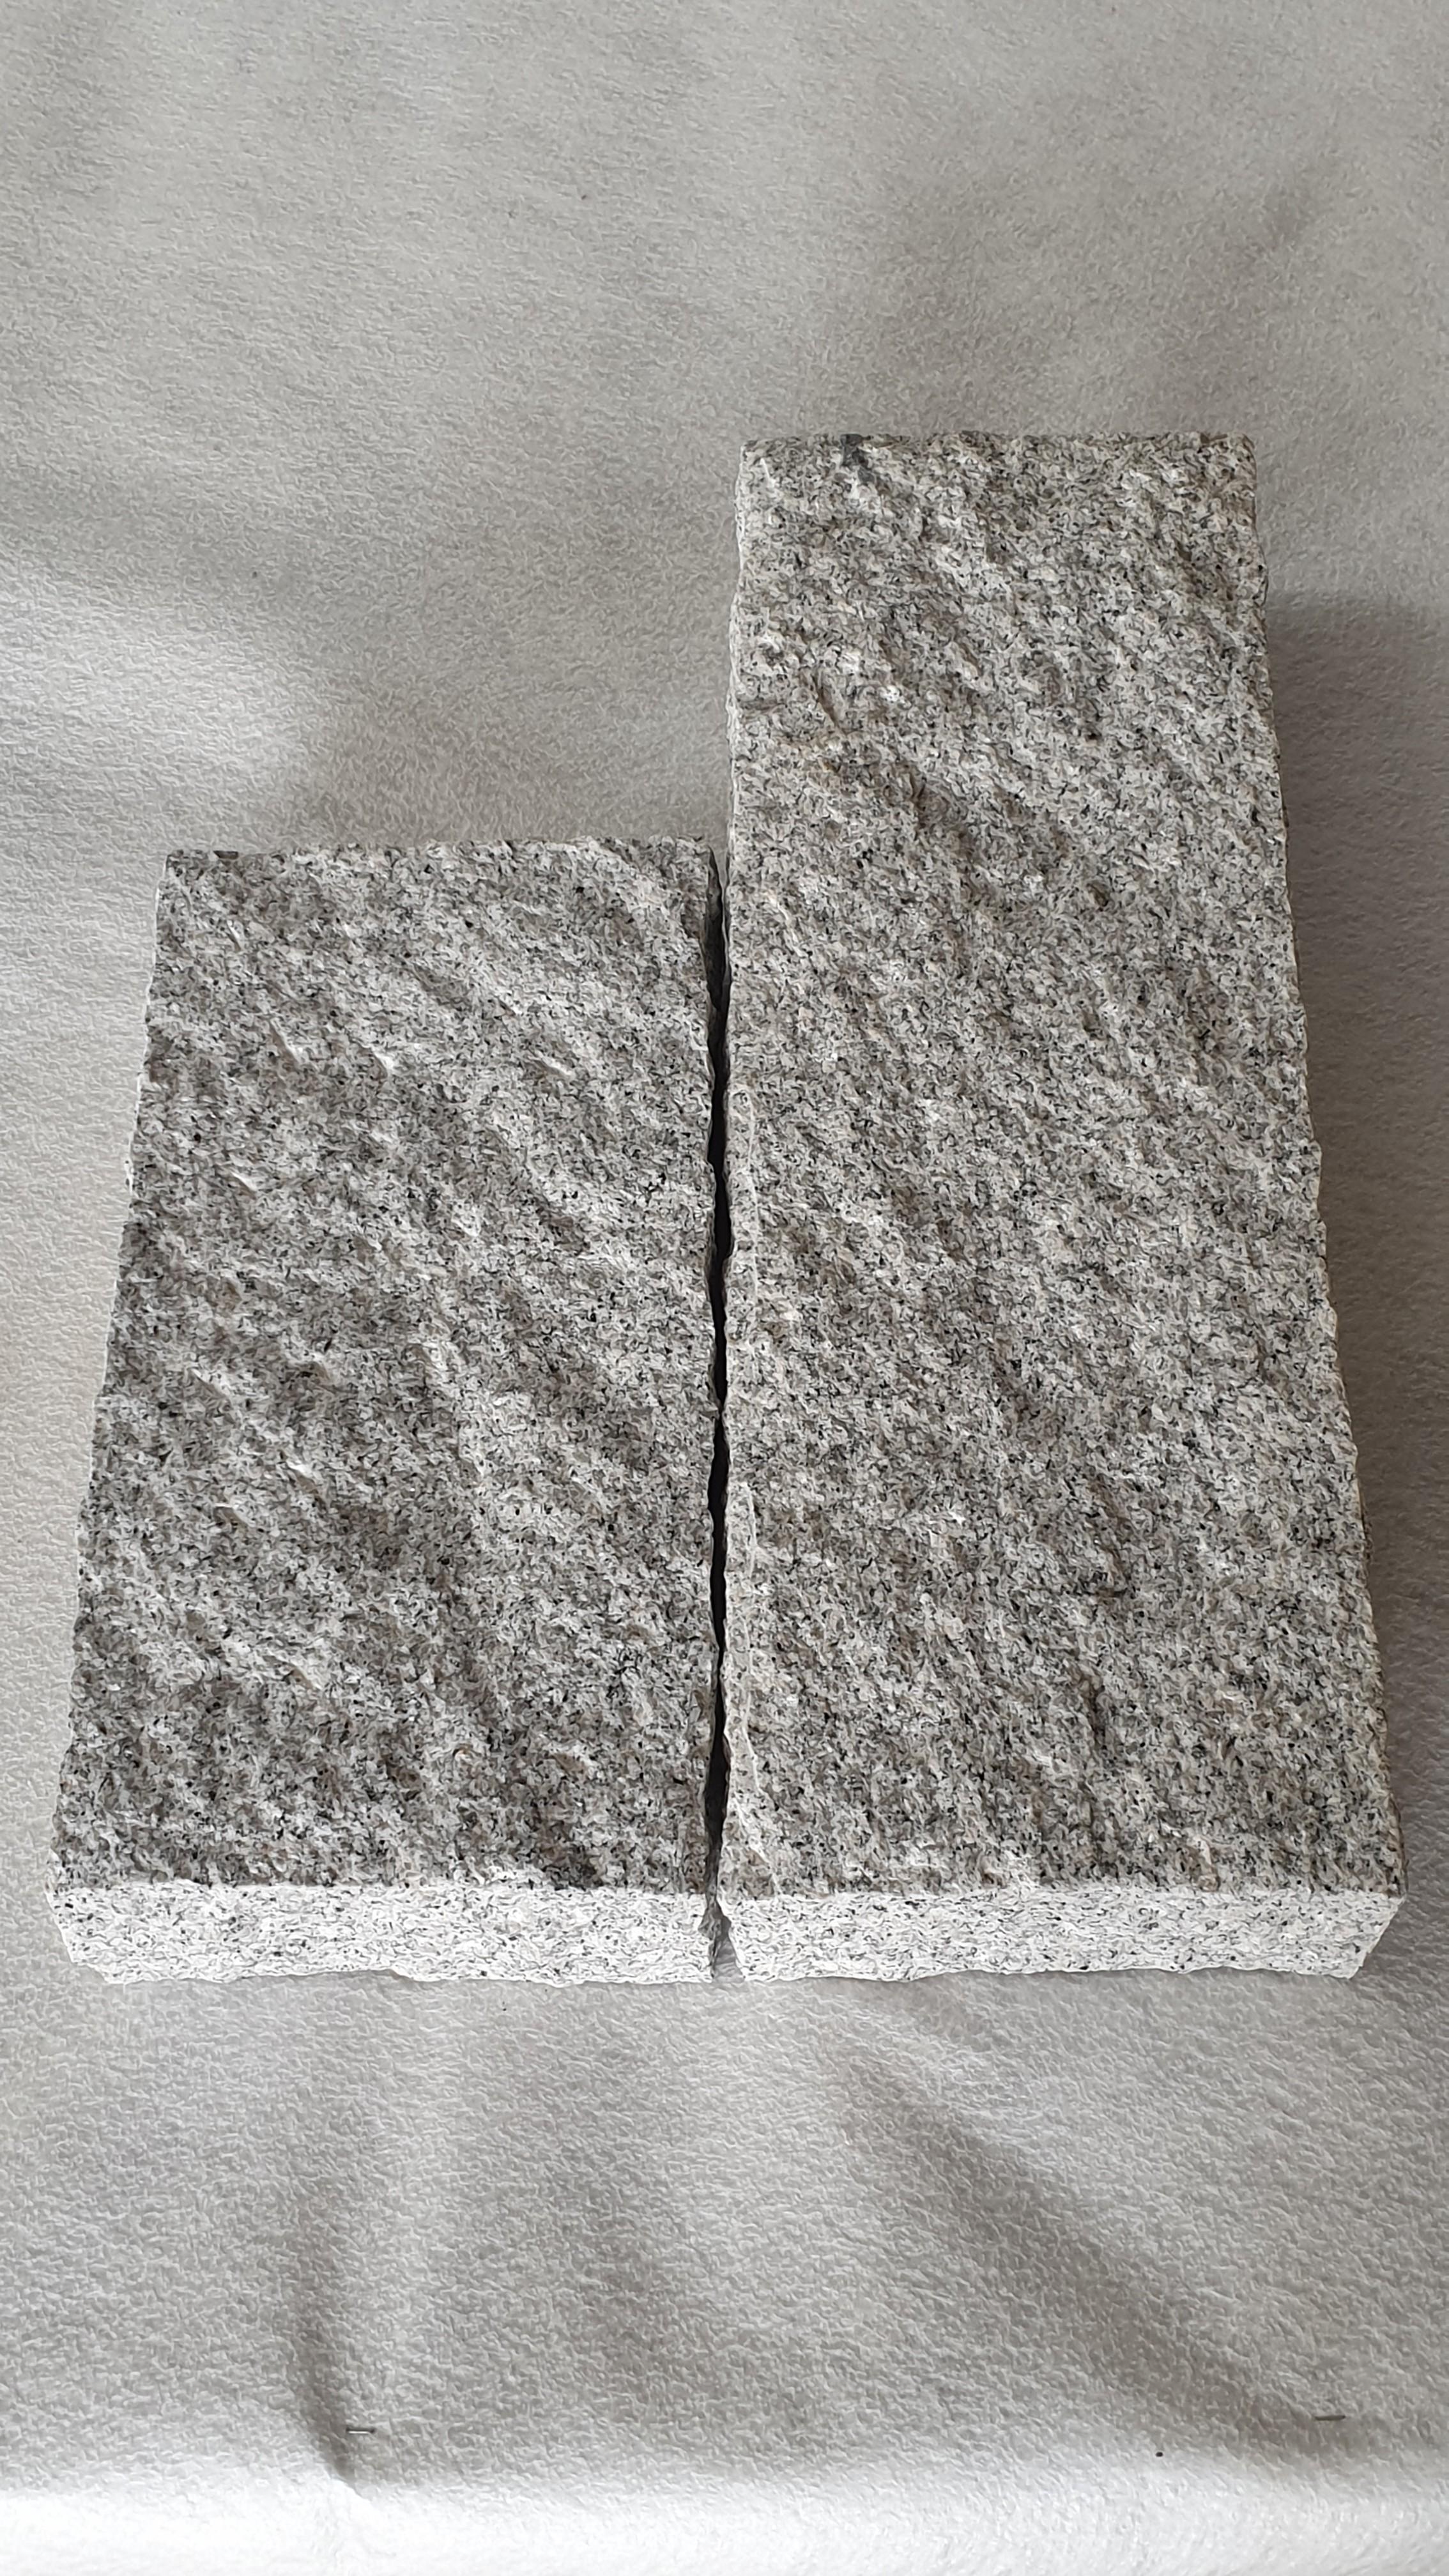 Palisaden Granit Grau günstig kaufen gespitzt